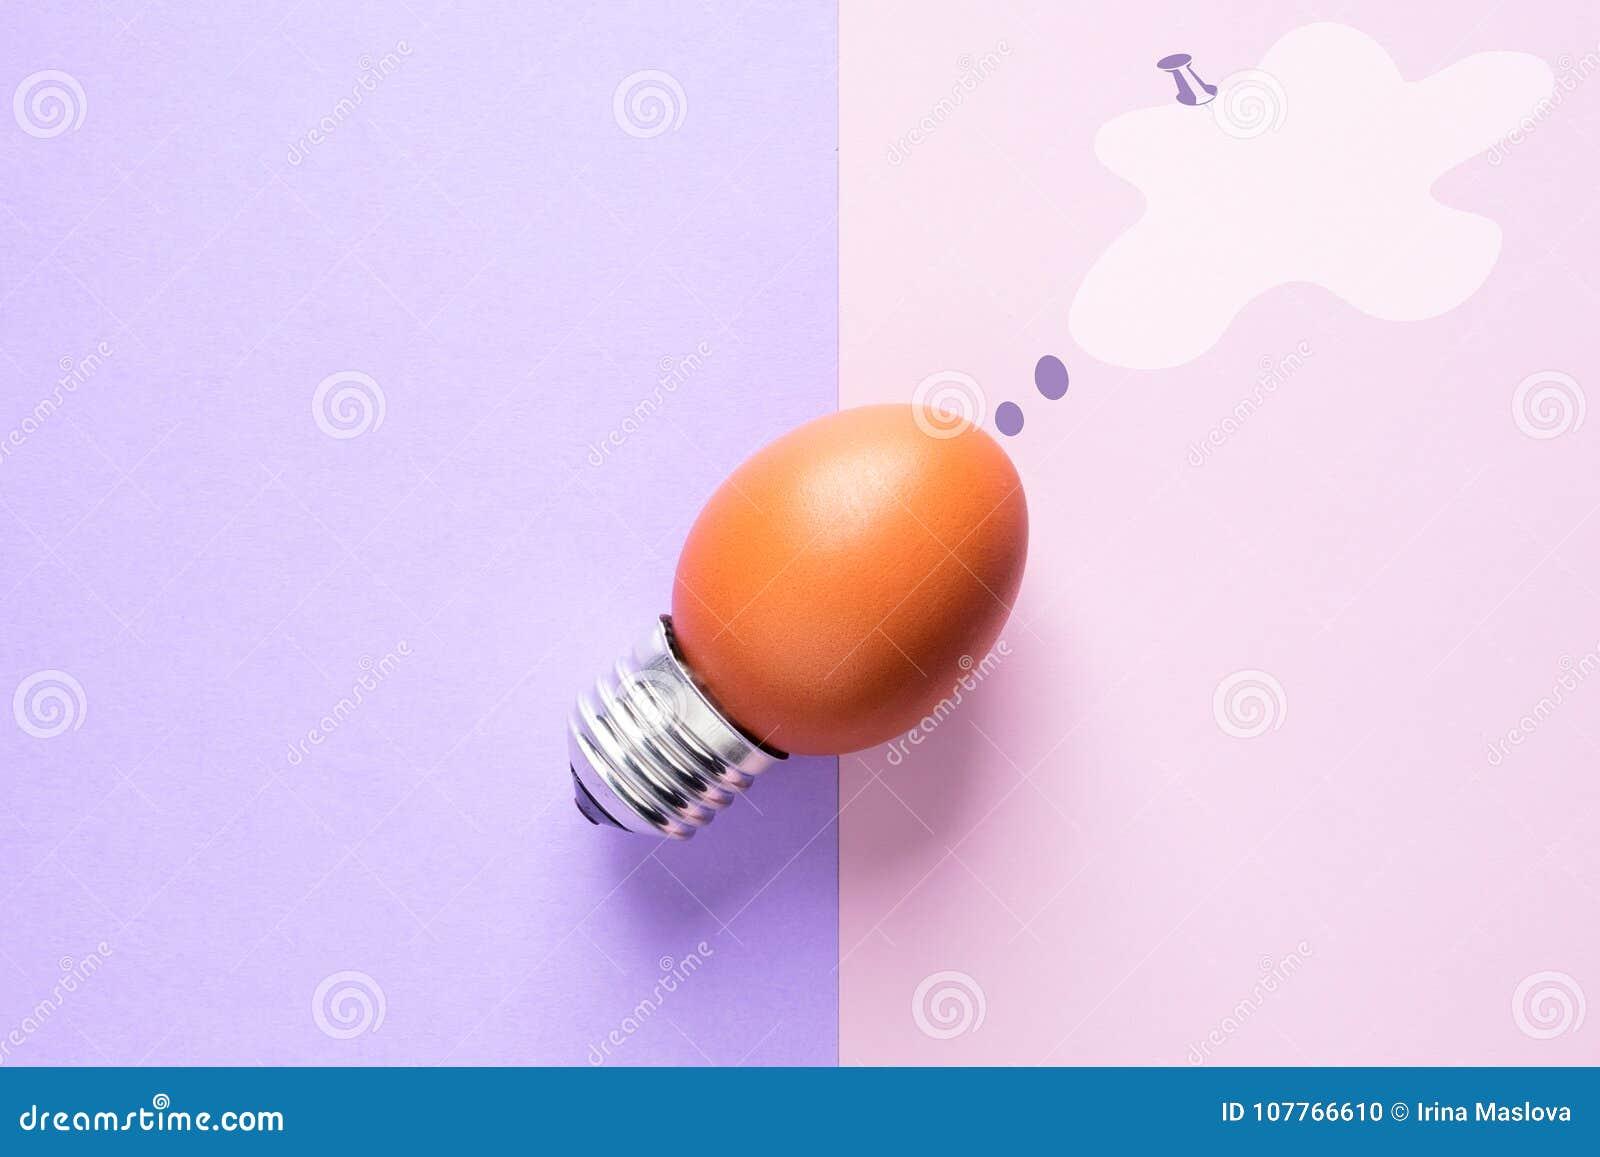 Äggskal för ljus kula på energi för grundbegreppsidé - besparing